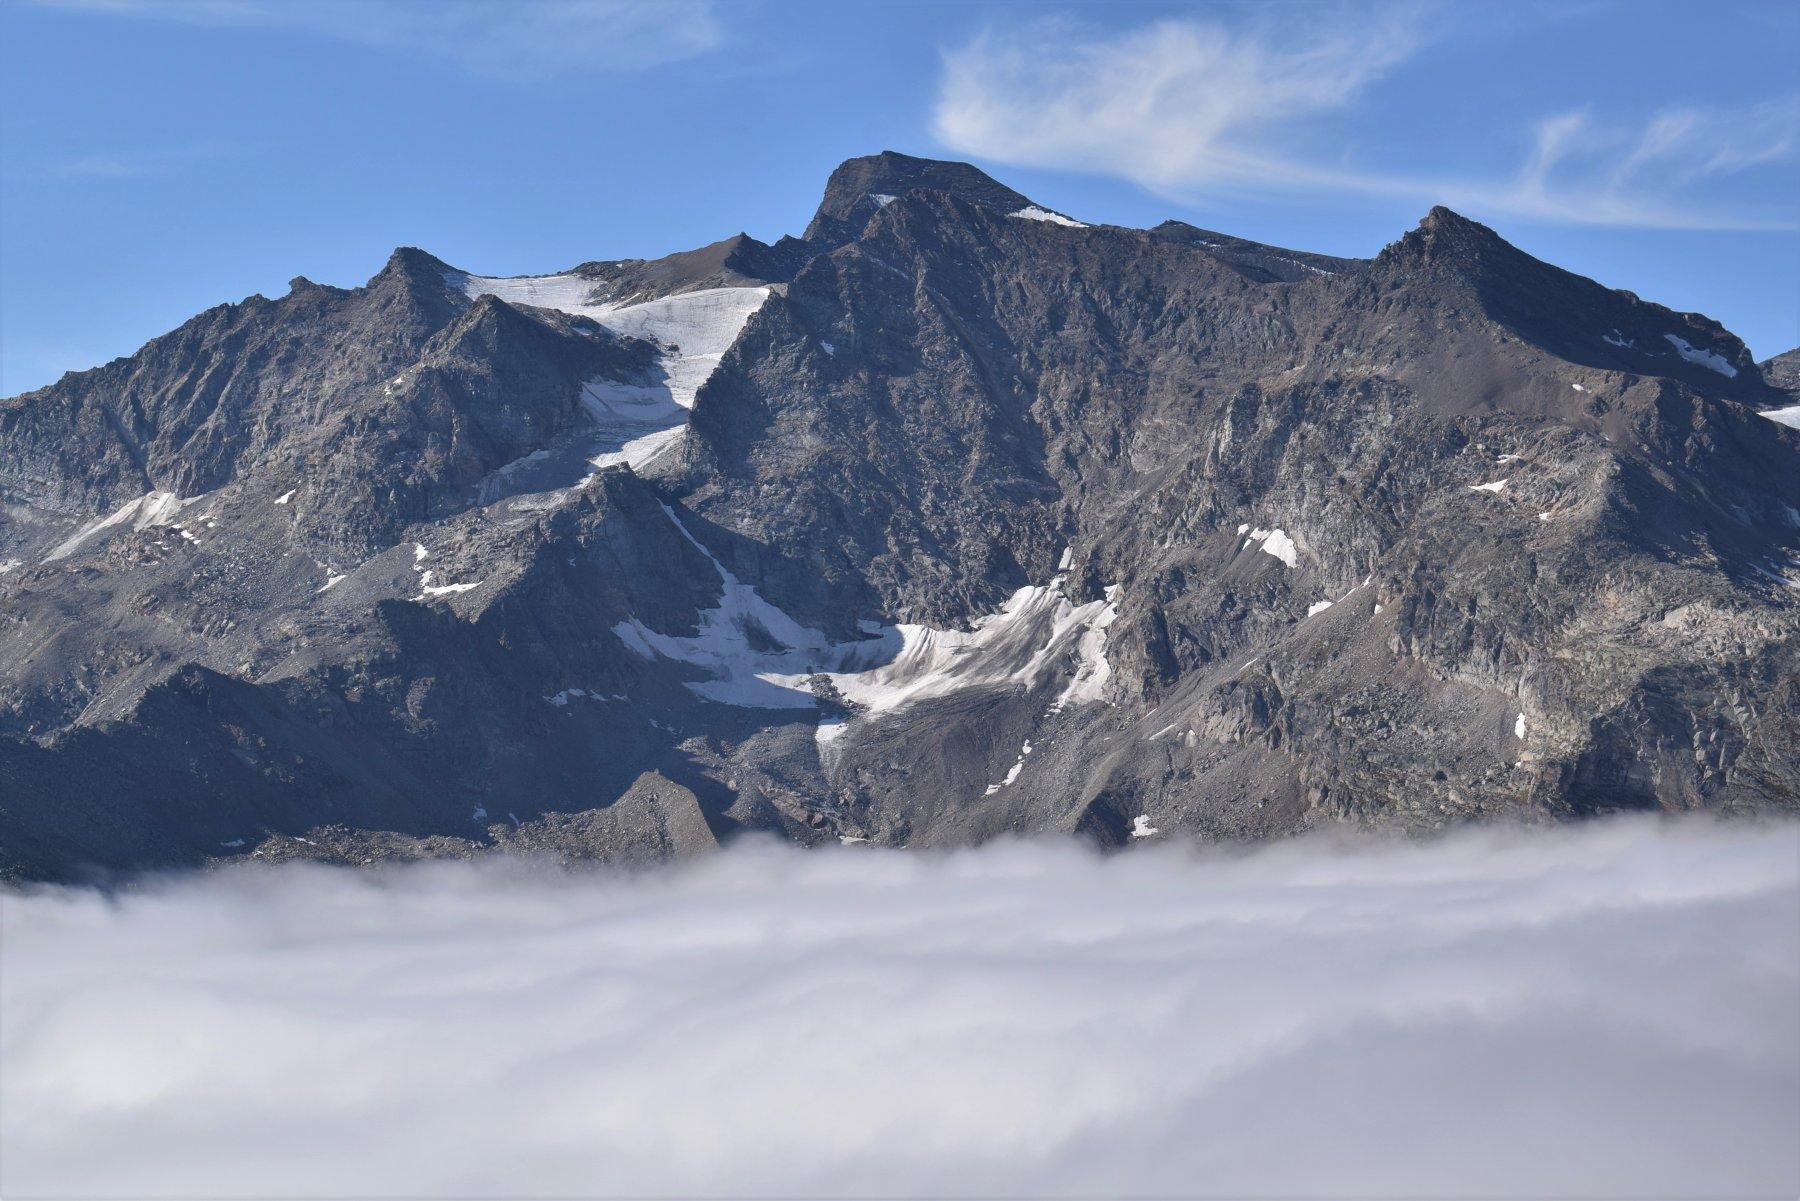 La Grande Auguille Rousse sopra il mare di nuvole